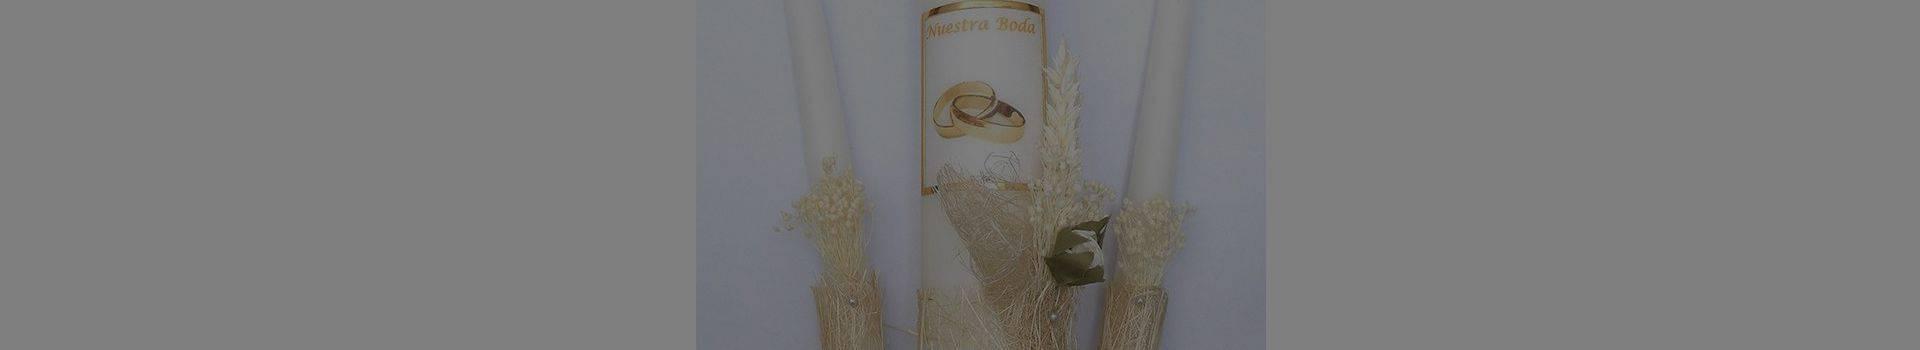 velas de ceremonia para boda-cereria pinsart